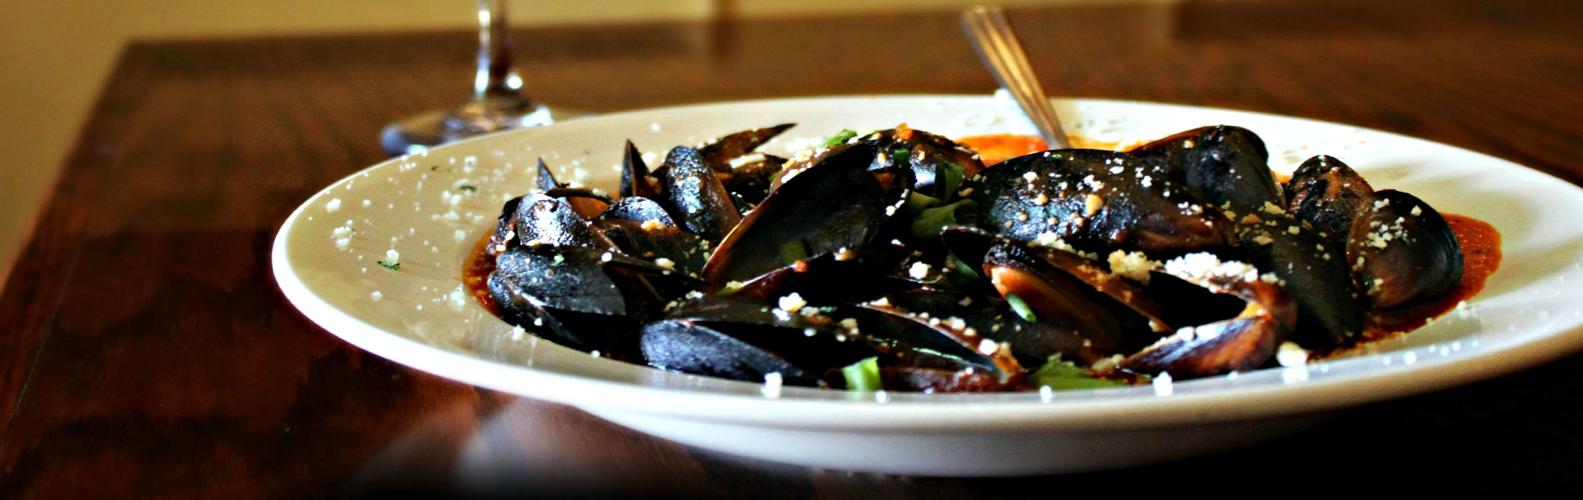 marinos-mussel-slide